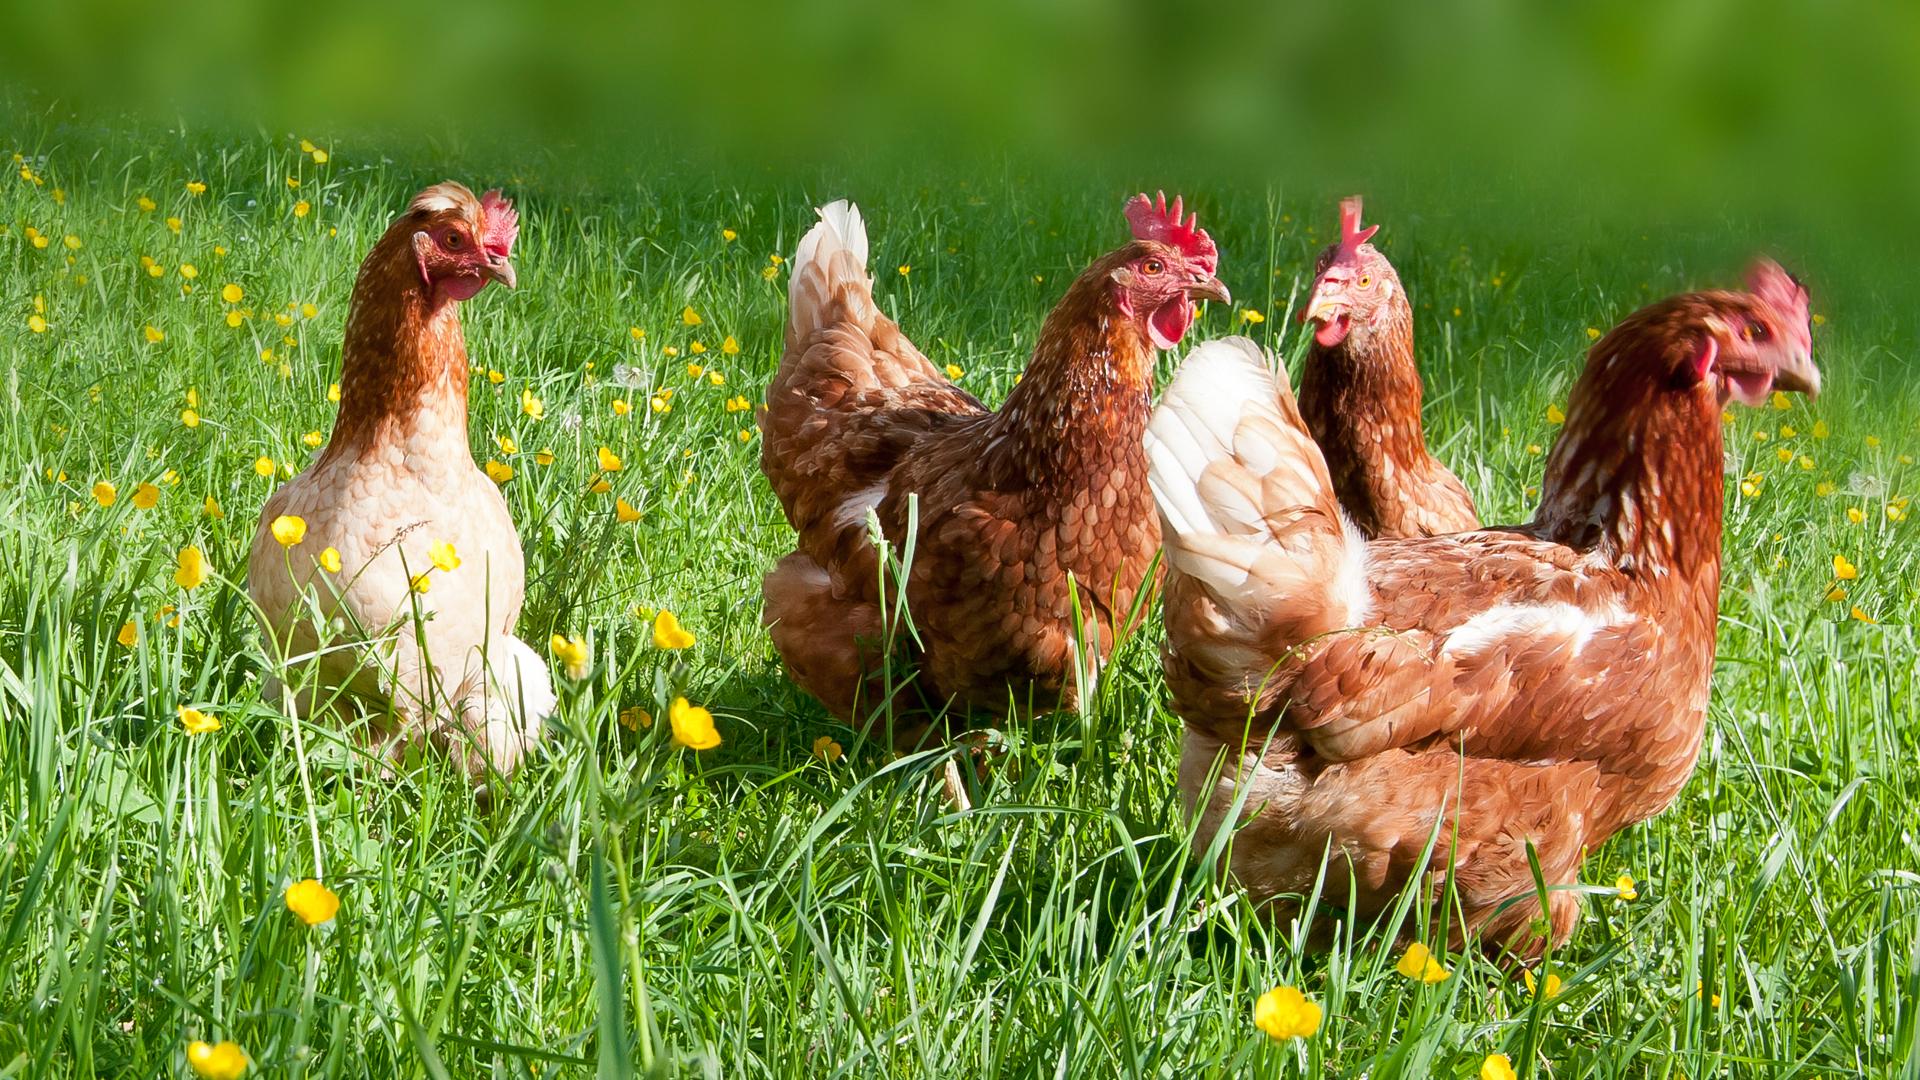 Für gesunde Ernährung und umweltfreundliche Landwirtschaft